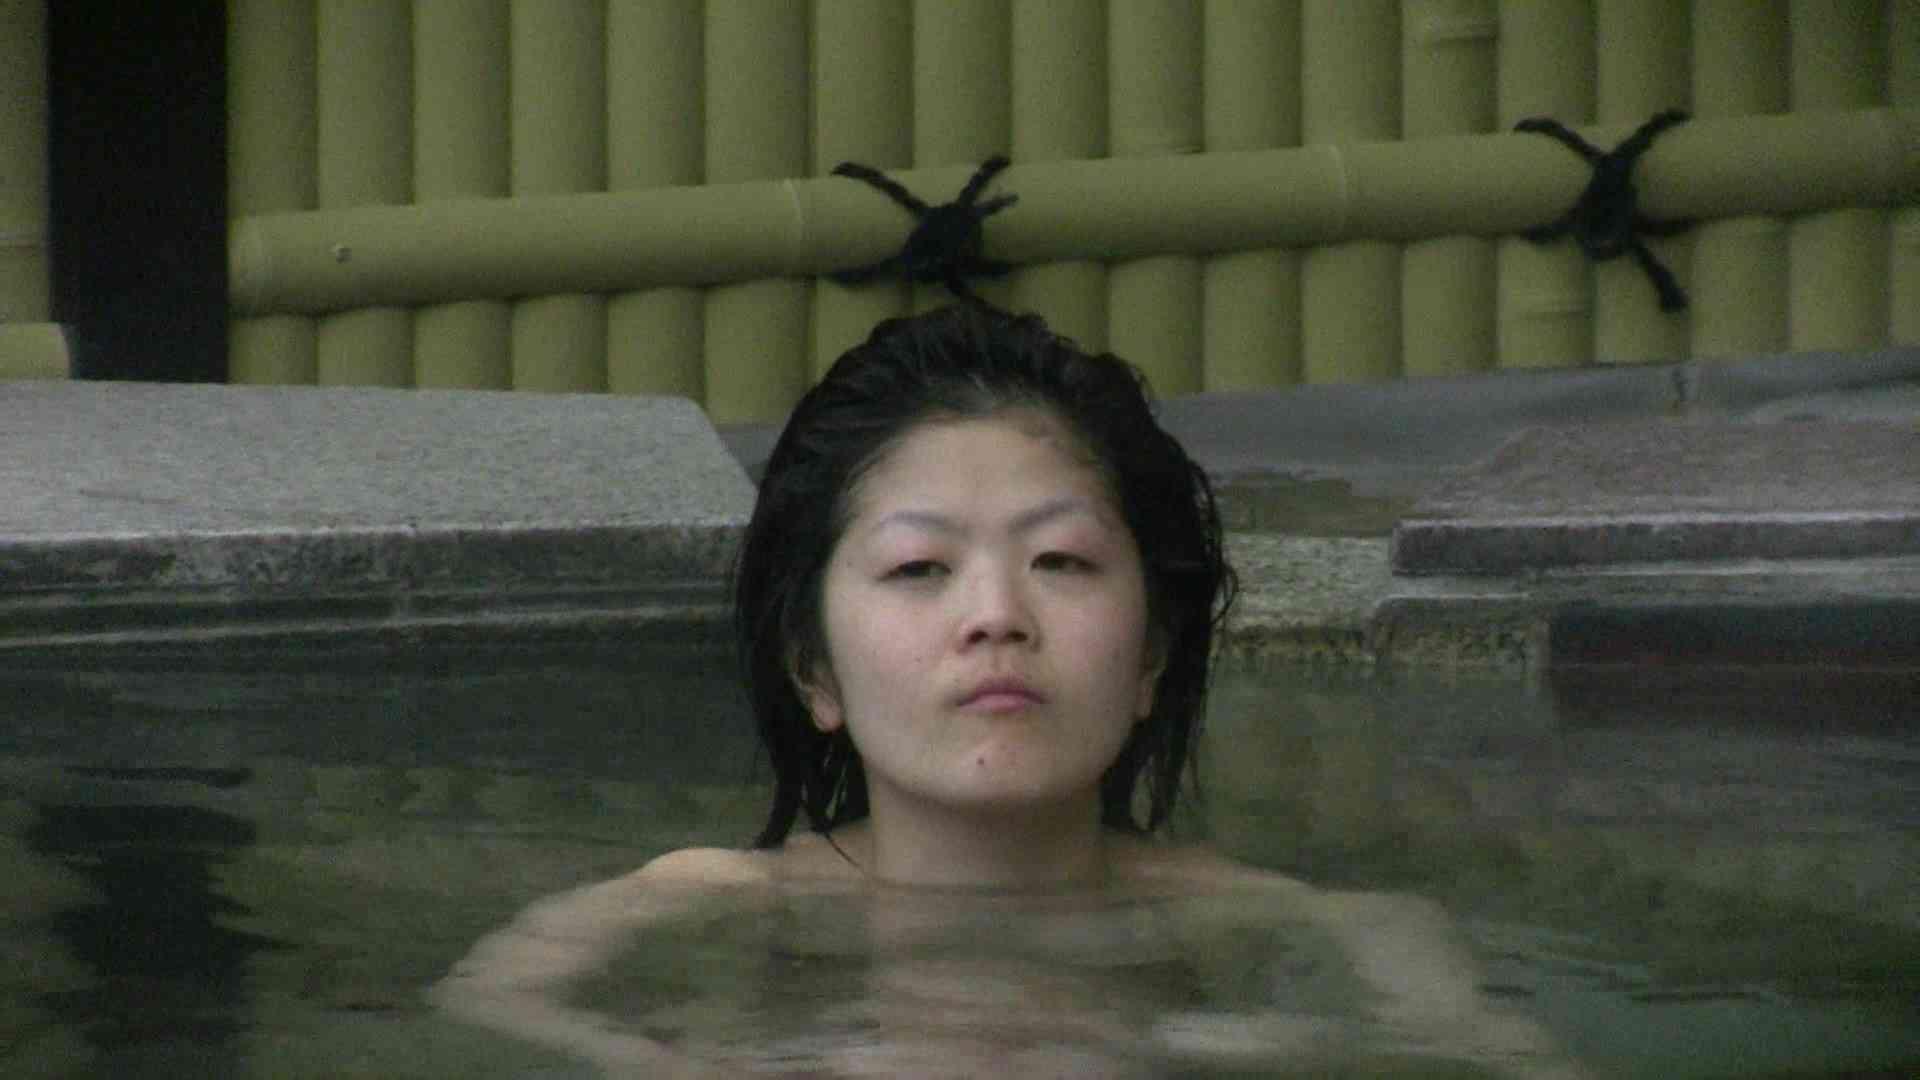 Aquaな露天風呂Vol.538 露天 | 盗撮  48pic 25